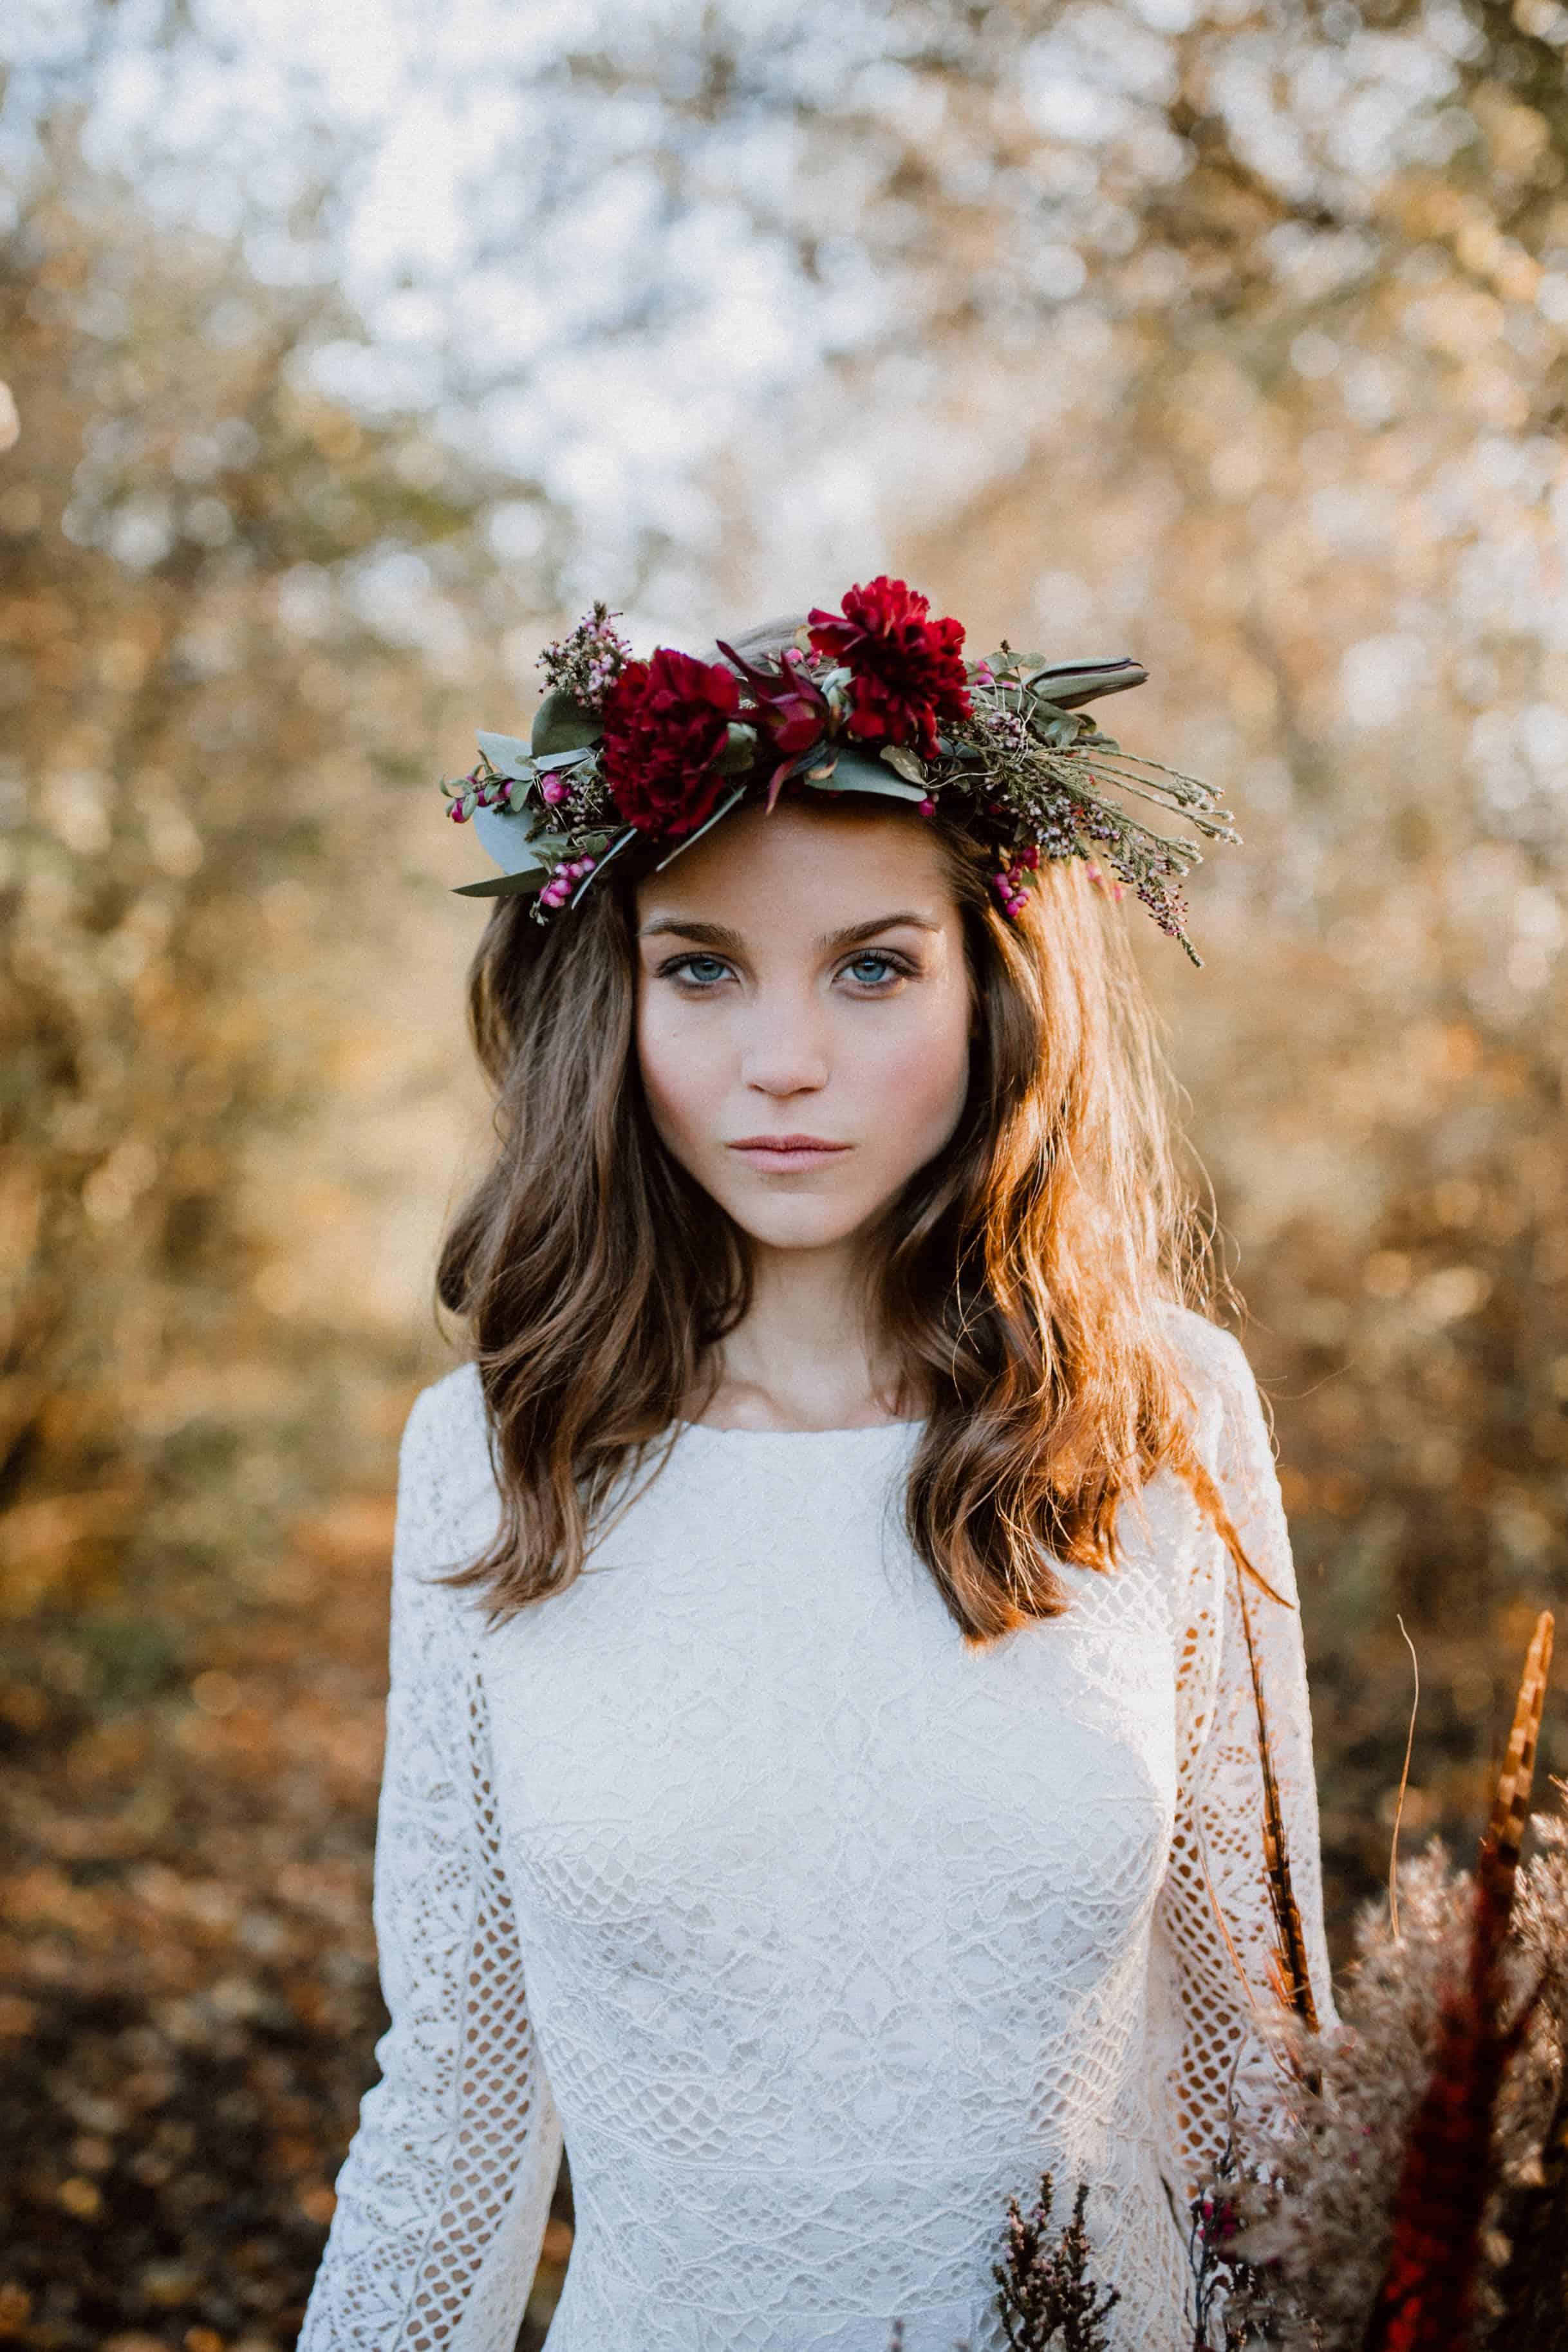 Romantischer Blumenkranz zur Hochzeit